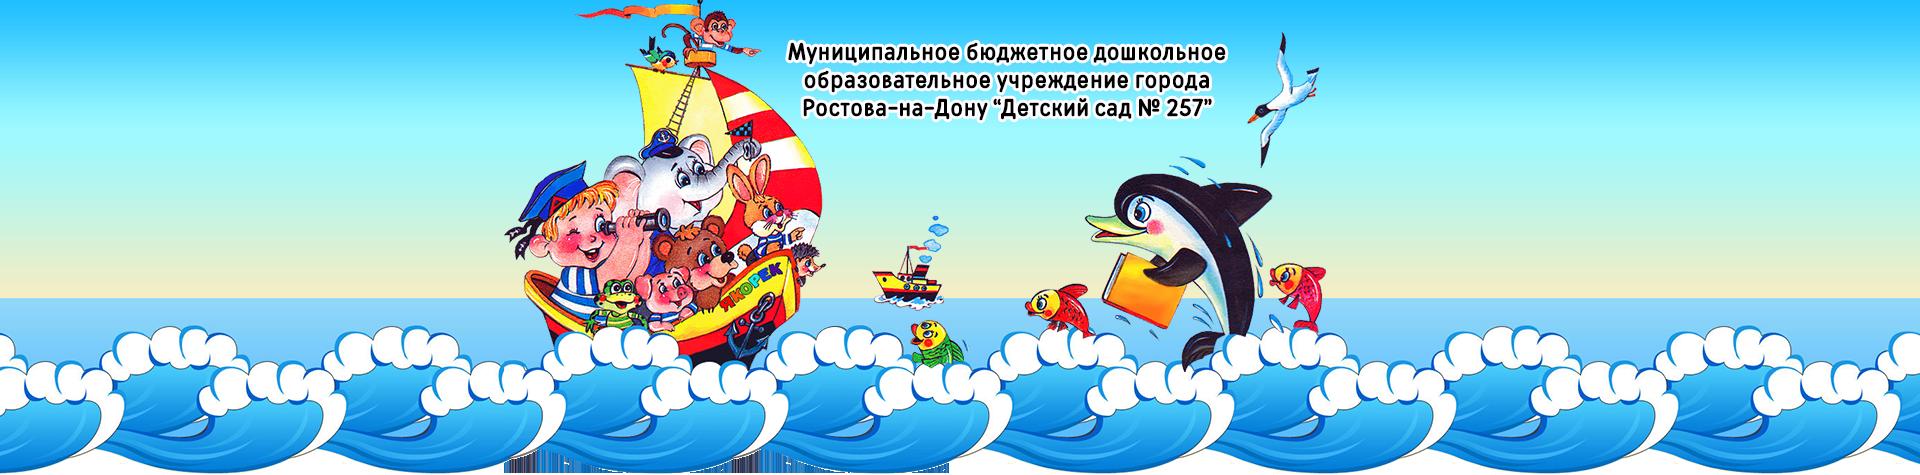 Детский сад №257 Ростов-на-Дону